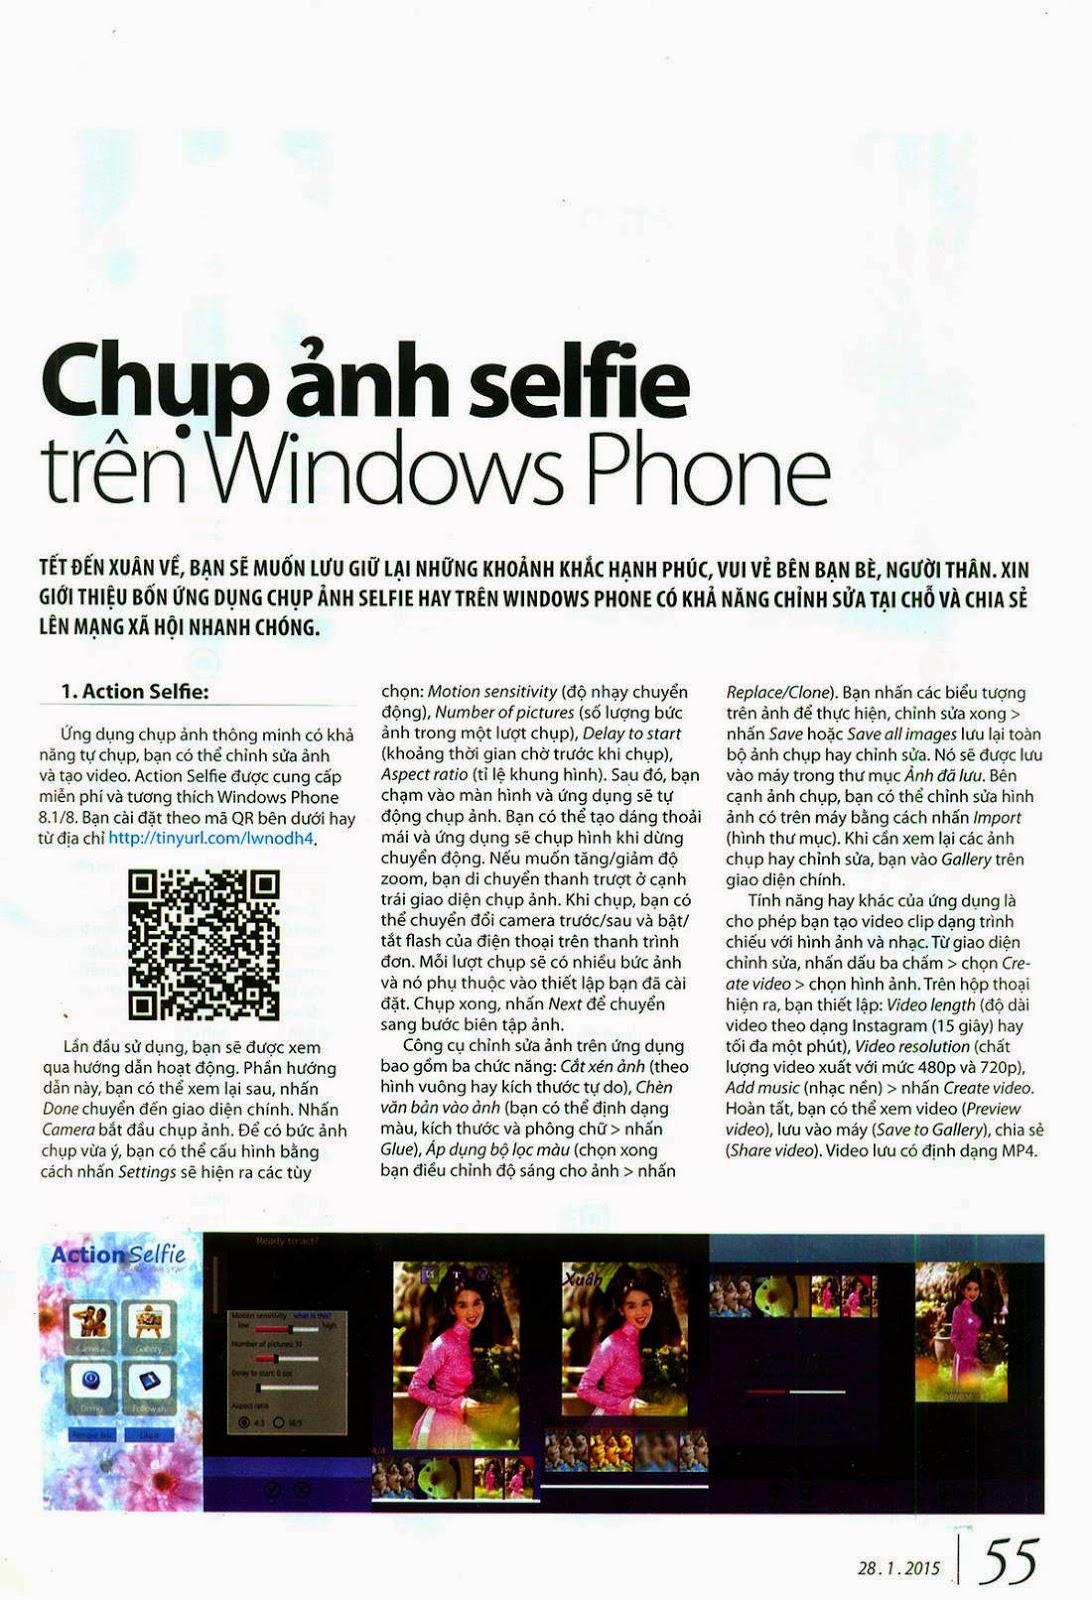 EChip Mobile Xuân 2015 tapchicntt.com